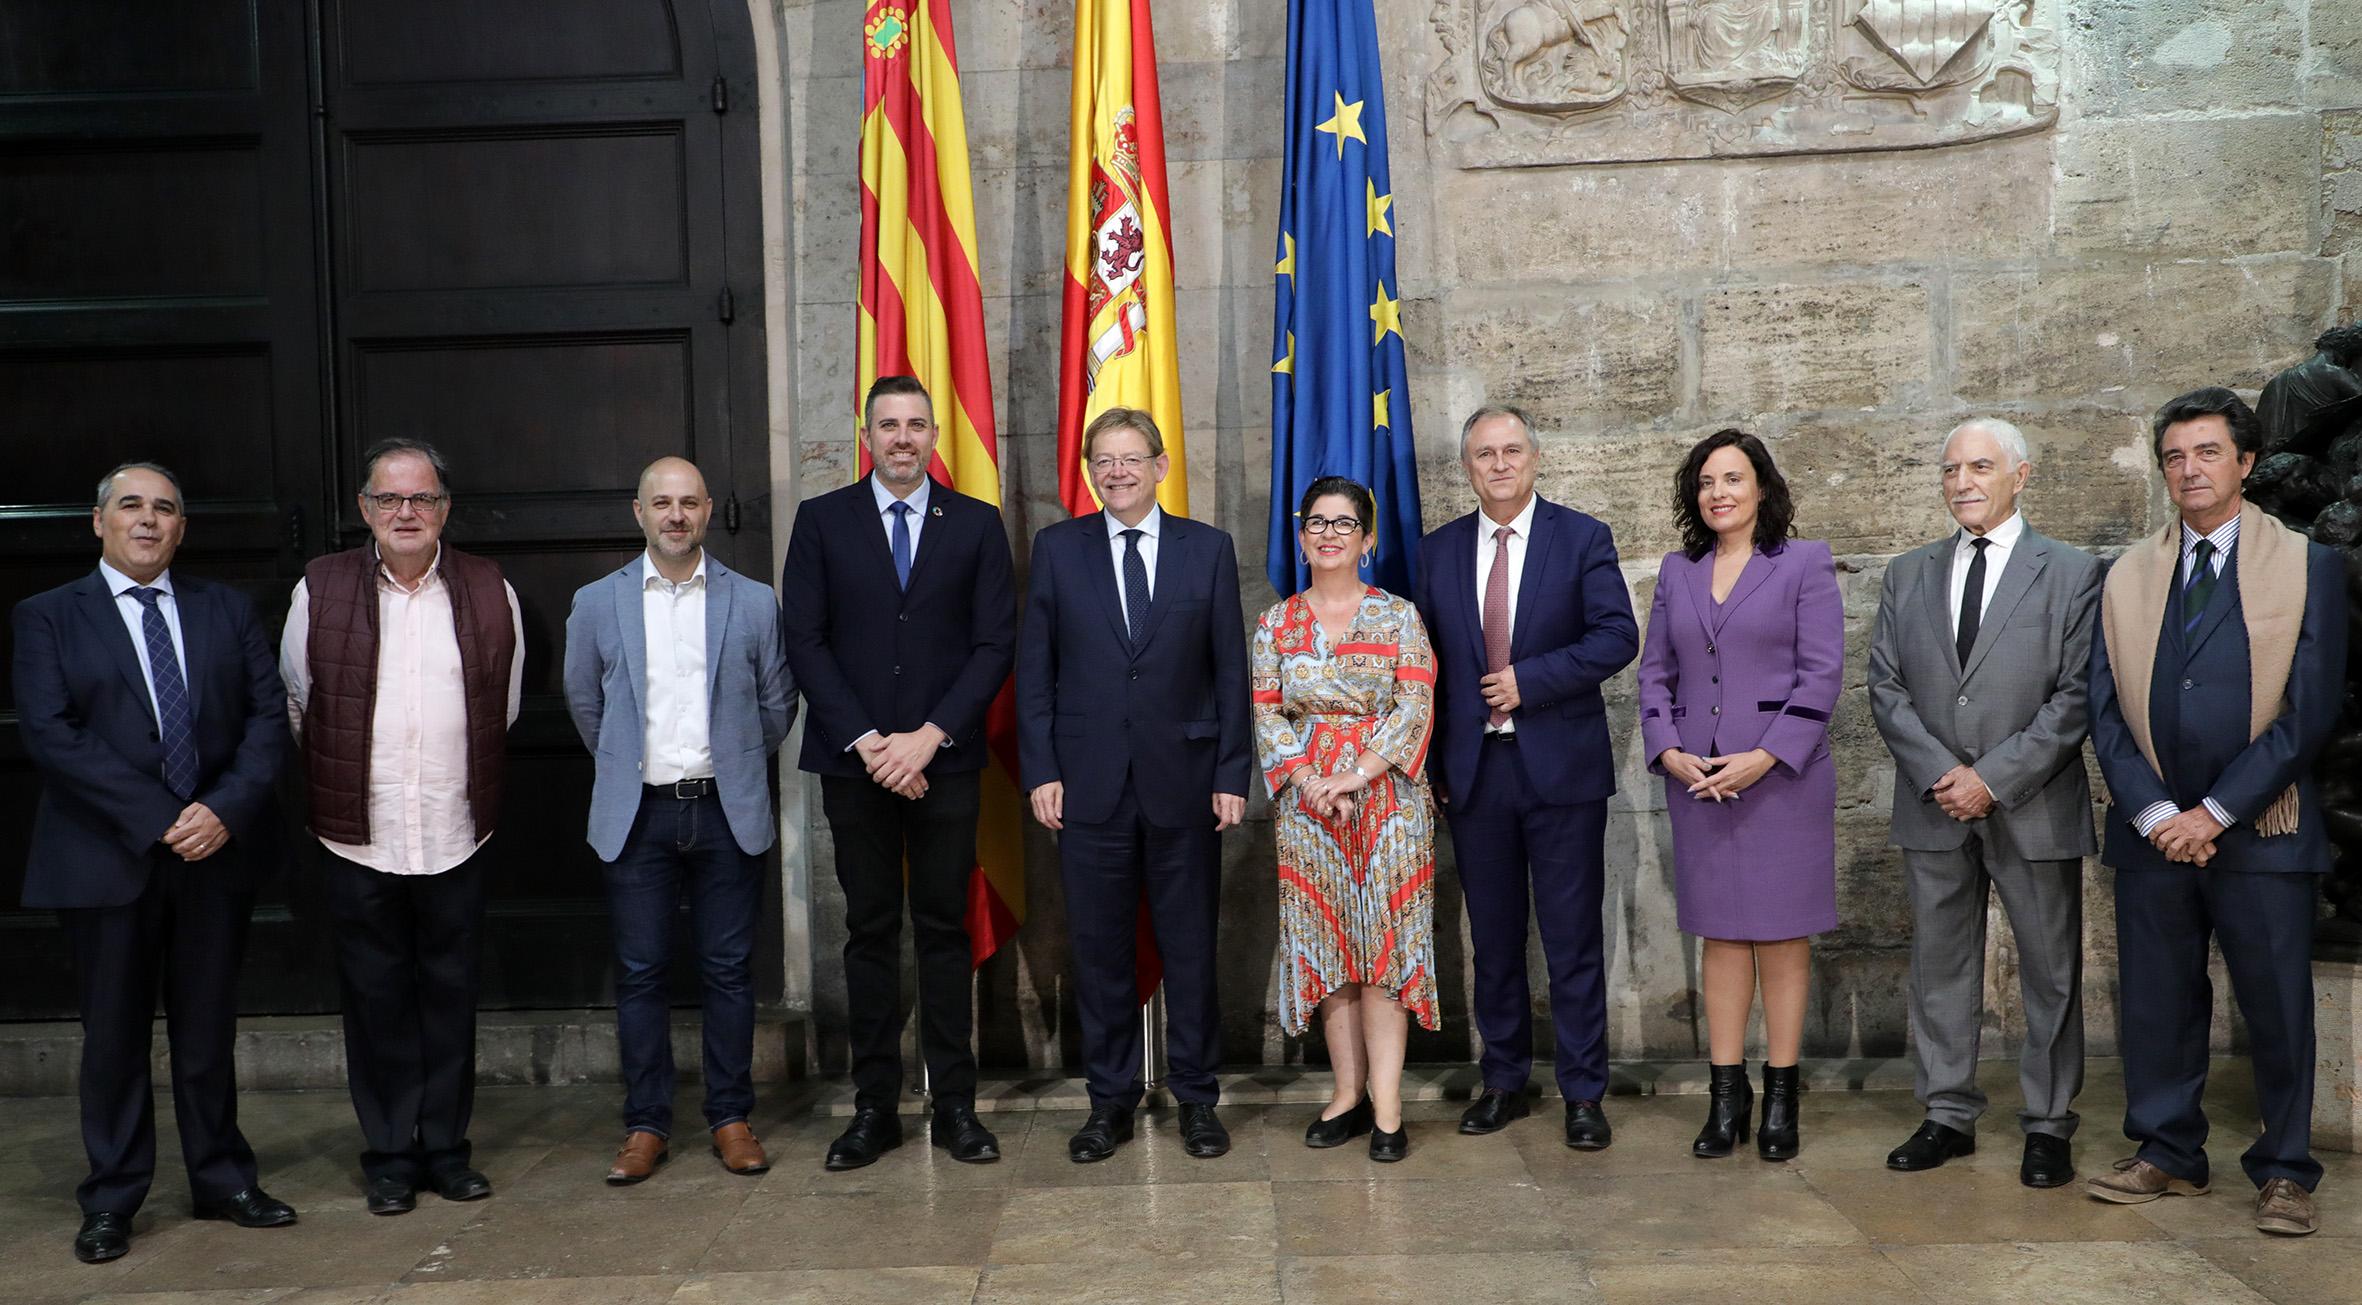 Ximo Puig con los alcaldes y alcaldesas así como a representantes de las bandas de música.